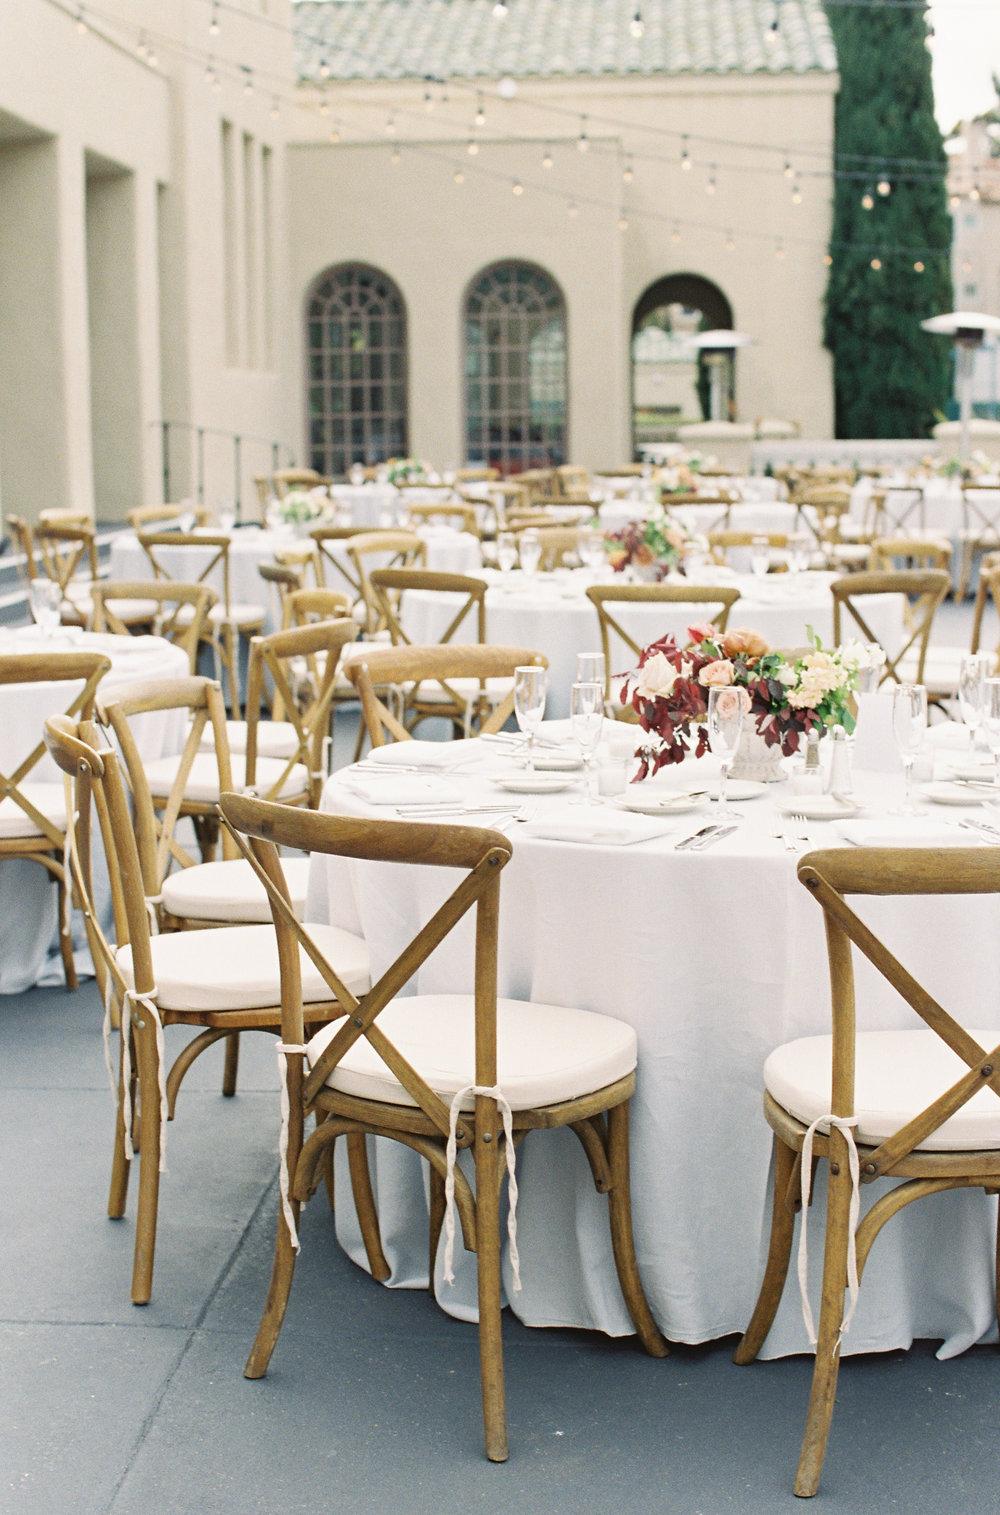 Wedding Reception Round Table Centerpieces Spring Flowers Garden Roses Finding Flora Sara Weir